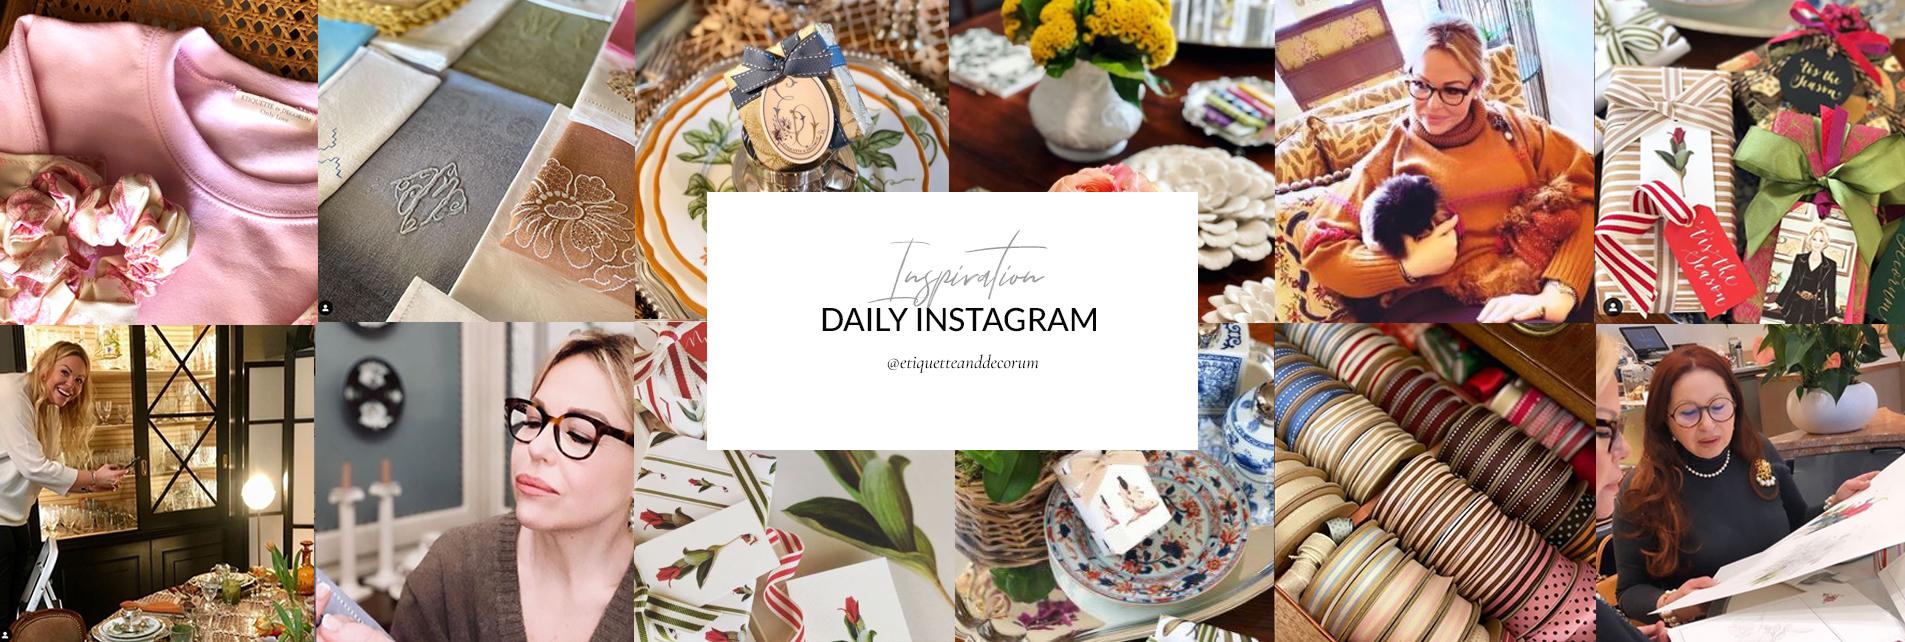 Etiquette and Decorum Instagram